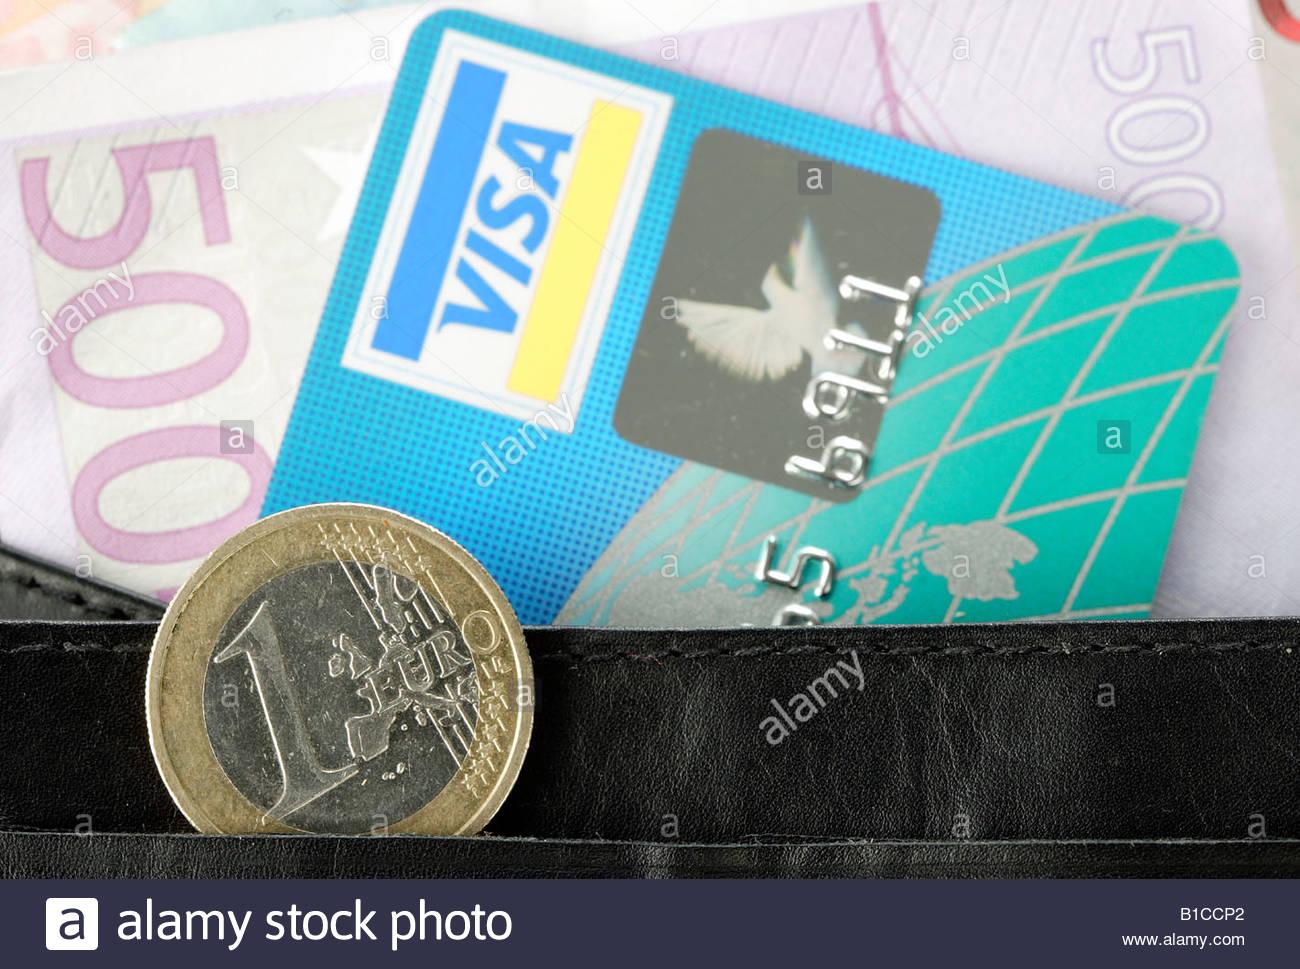 Euros 500 Et Carte En De Un Crédit Visa Pièce Dans Bank Note Euro kluTOXZwPi